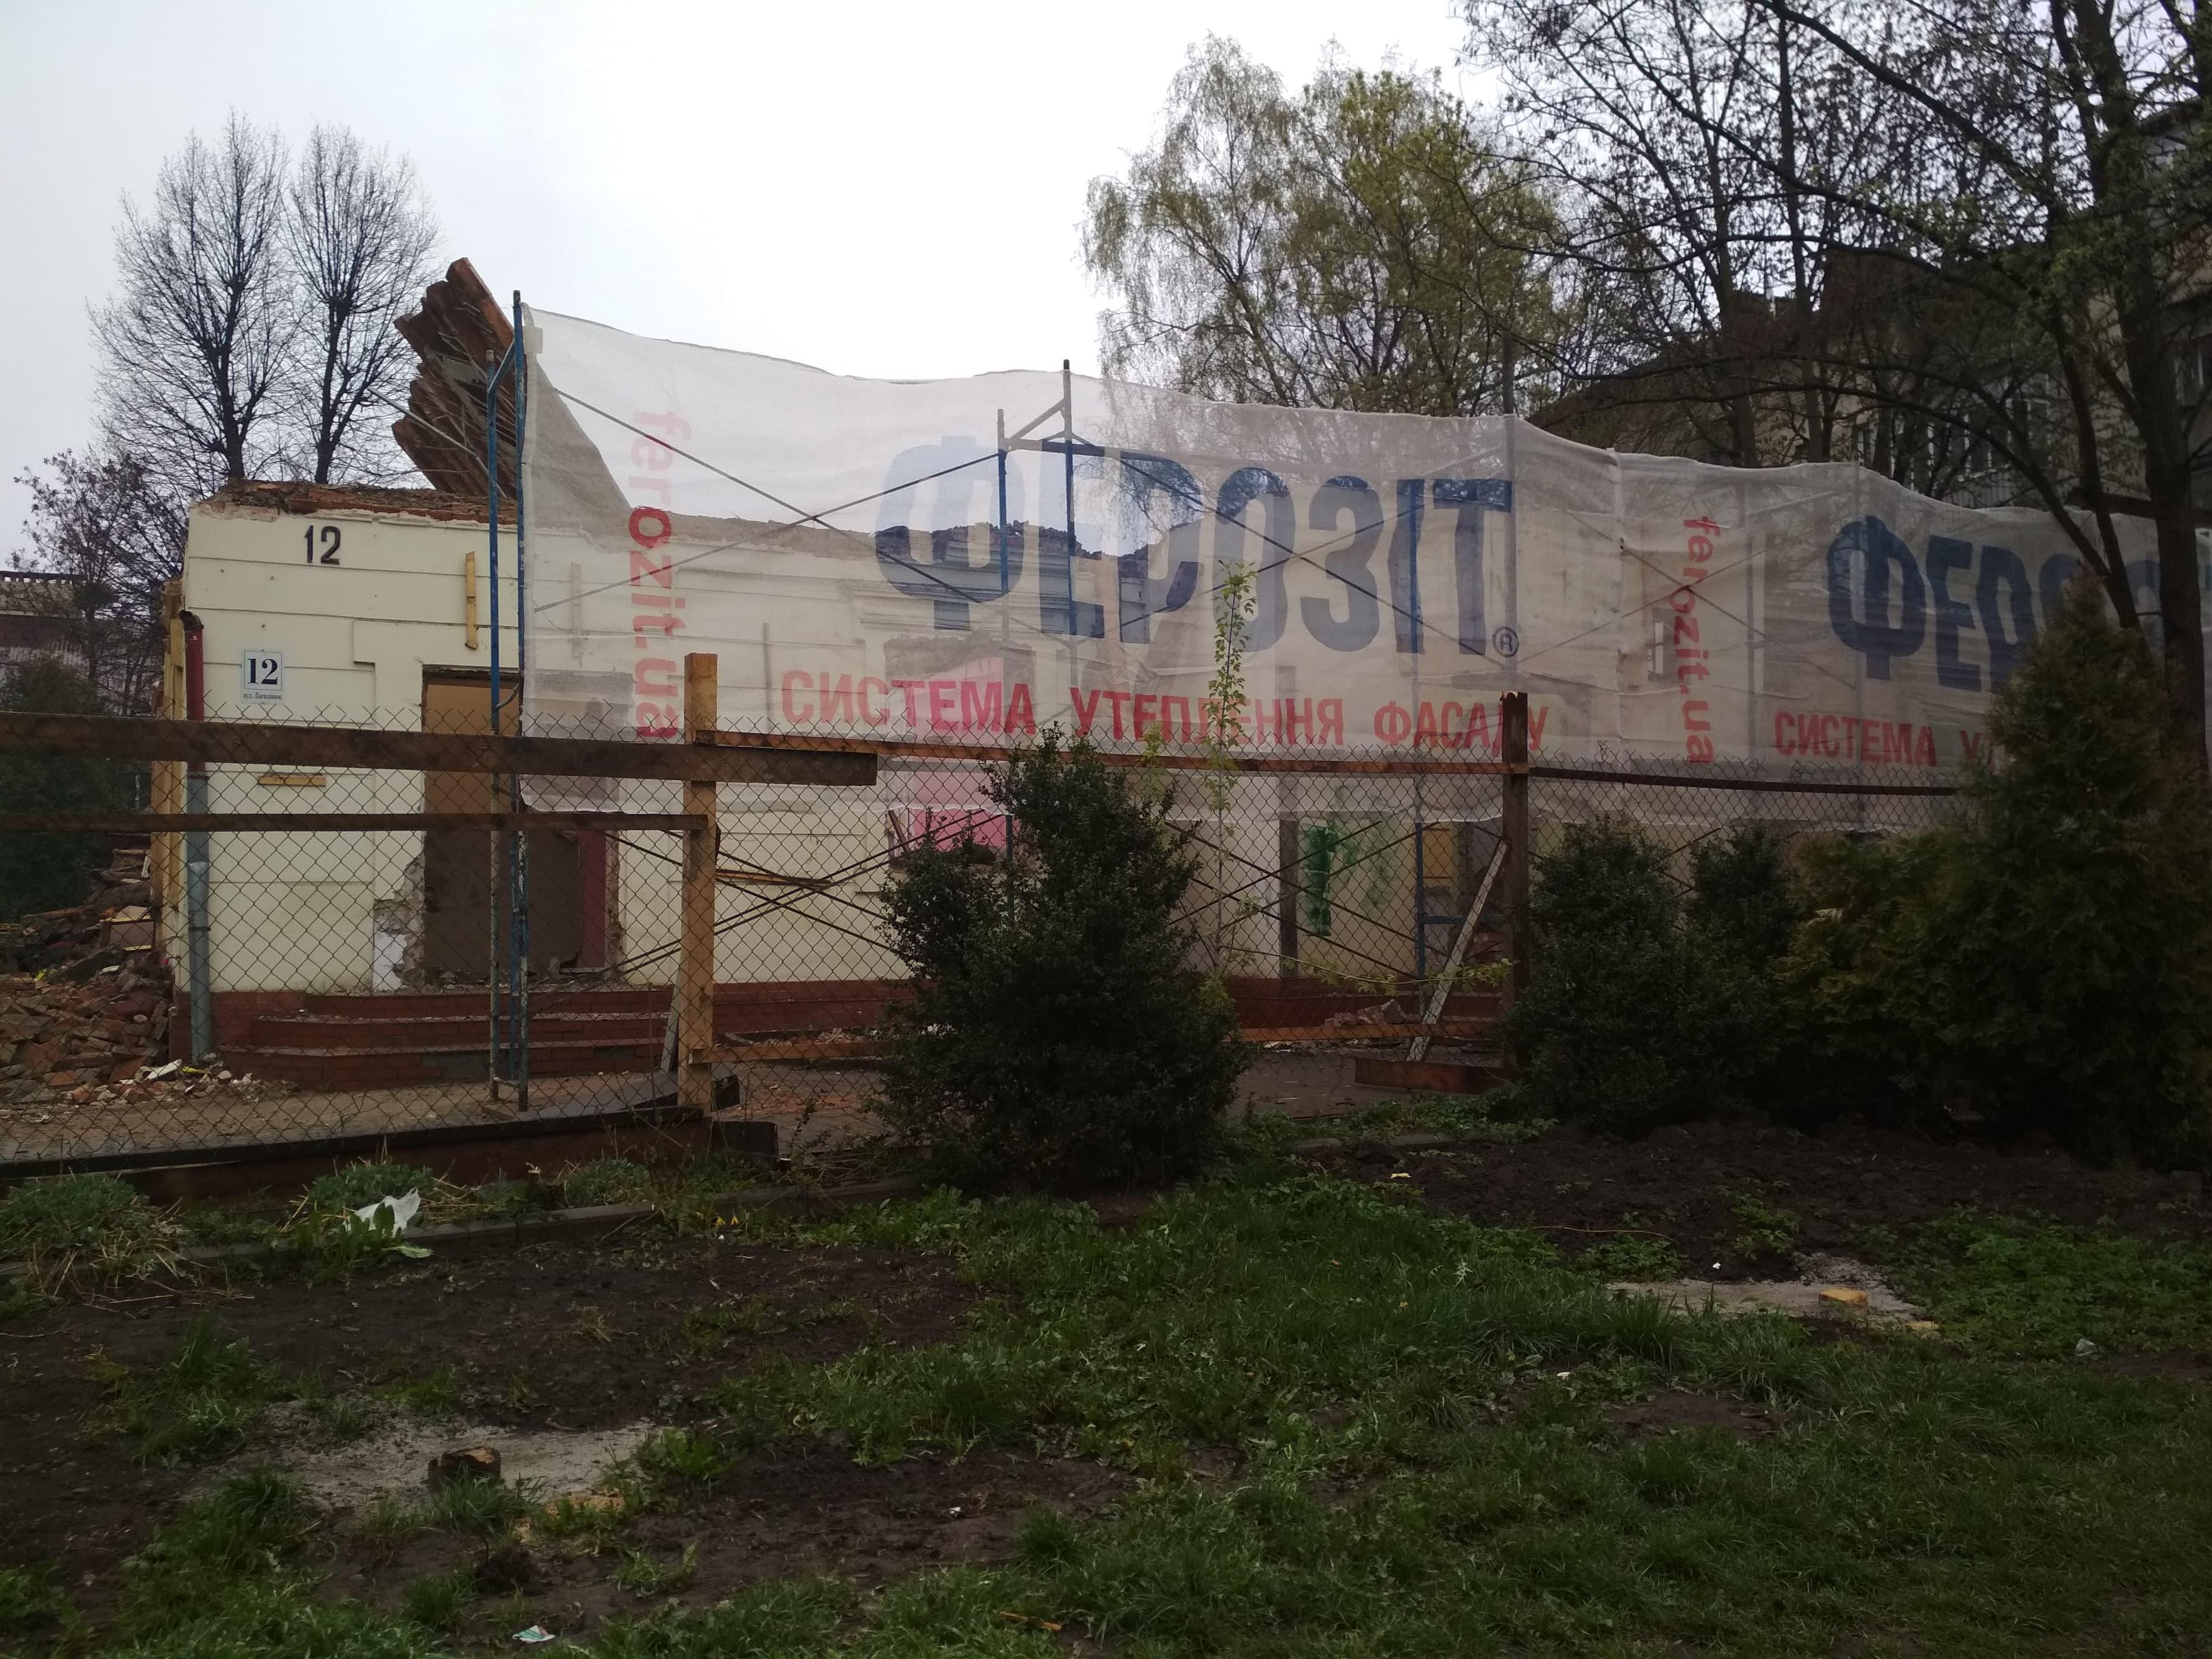 Забудовник-вандал продовжує знищувати архітектурну пам'ятку у центрі Івано-Франківська (фоторепортаж)